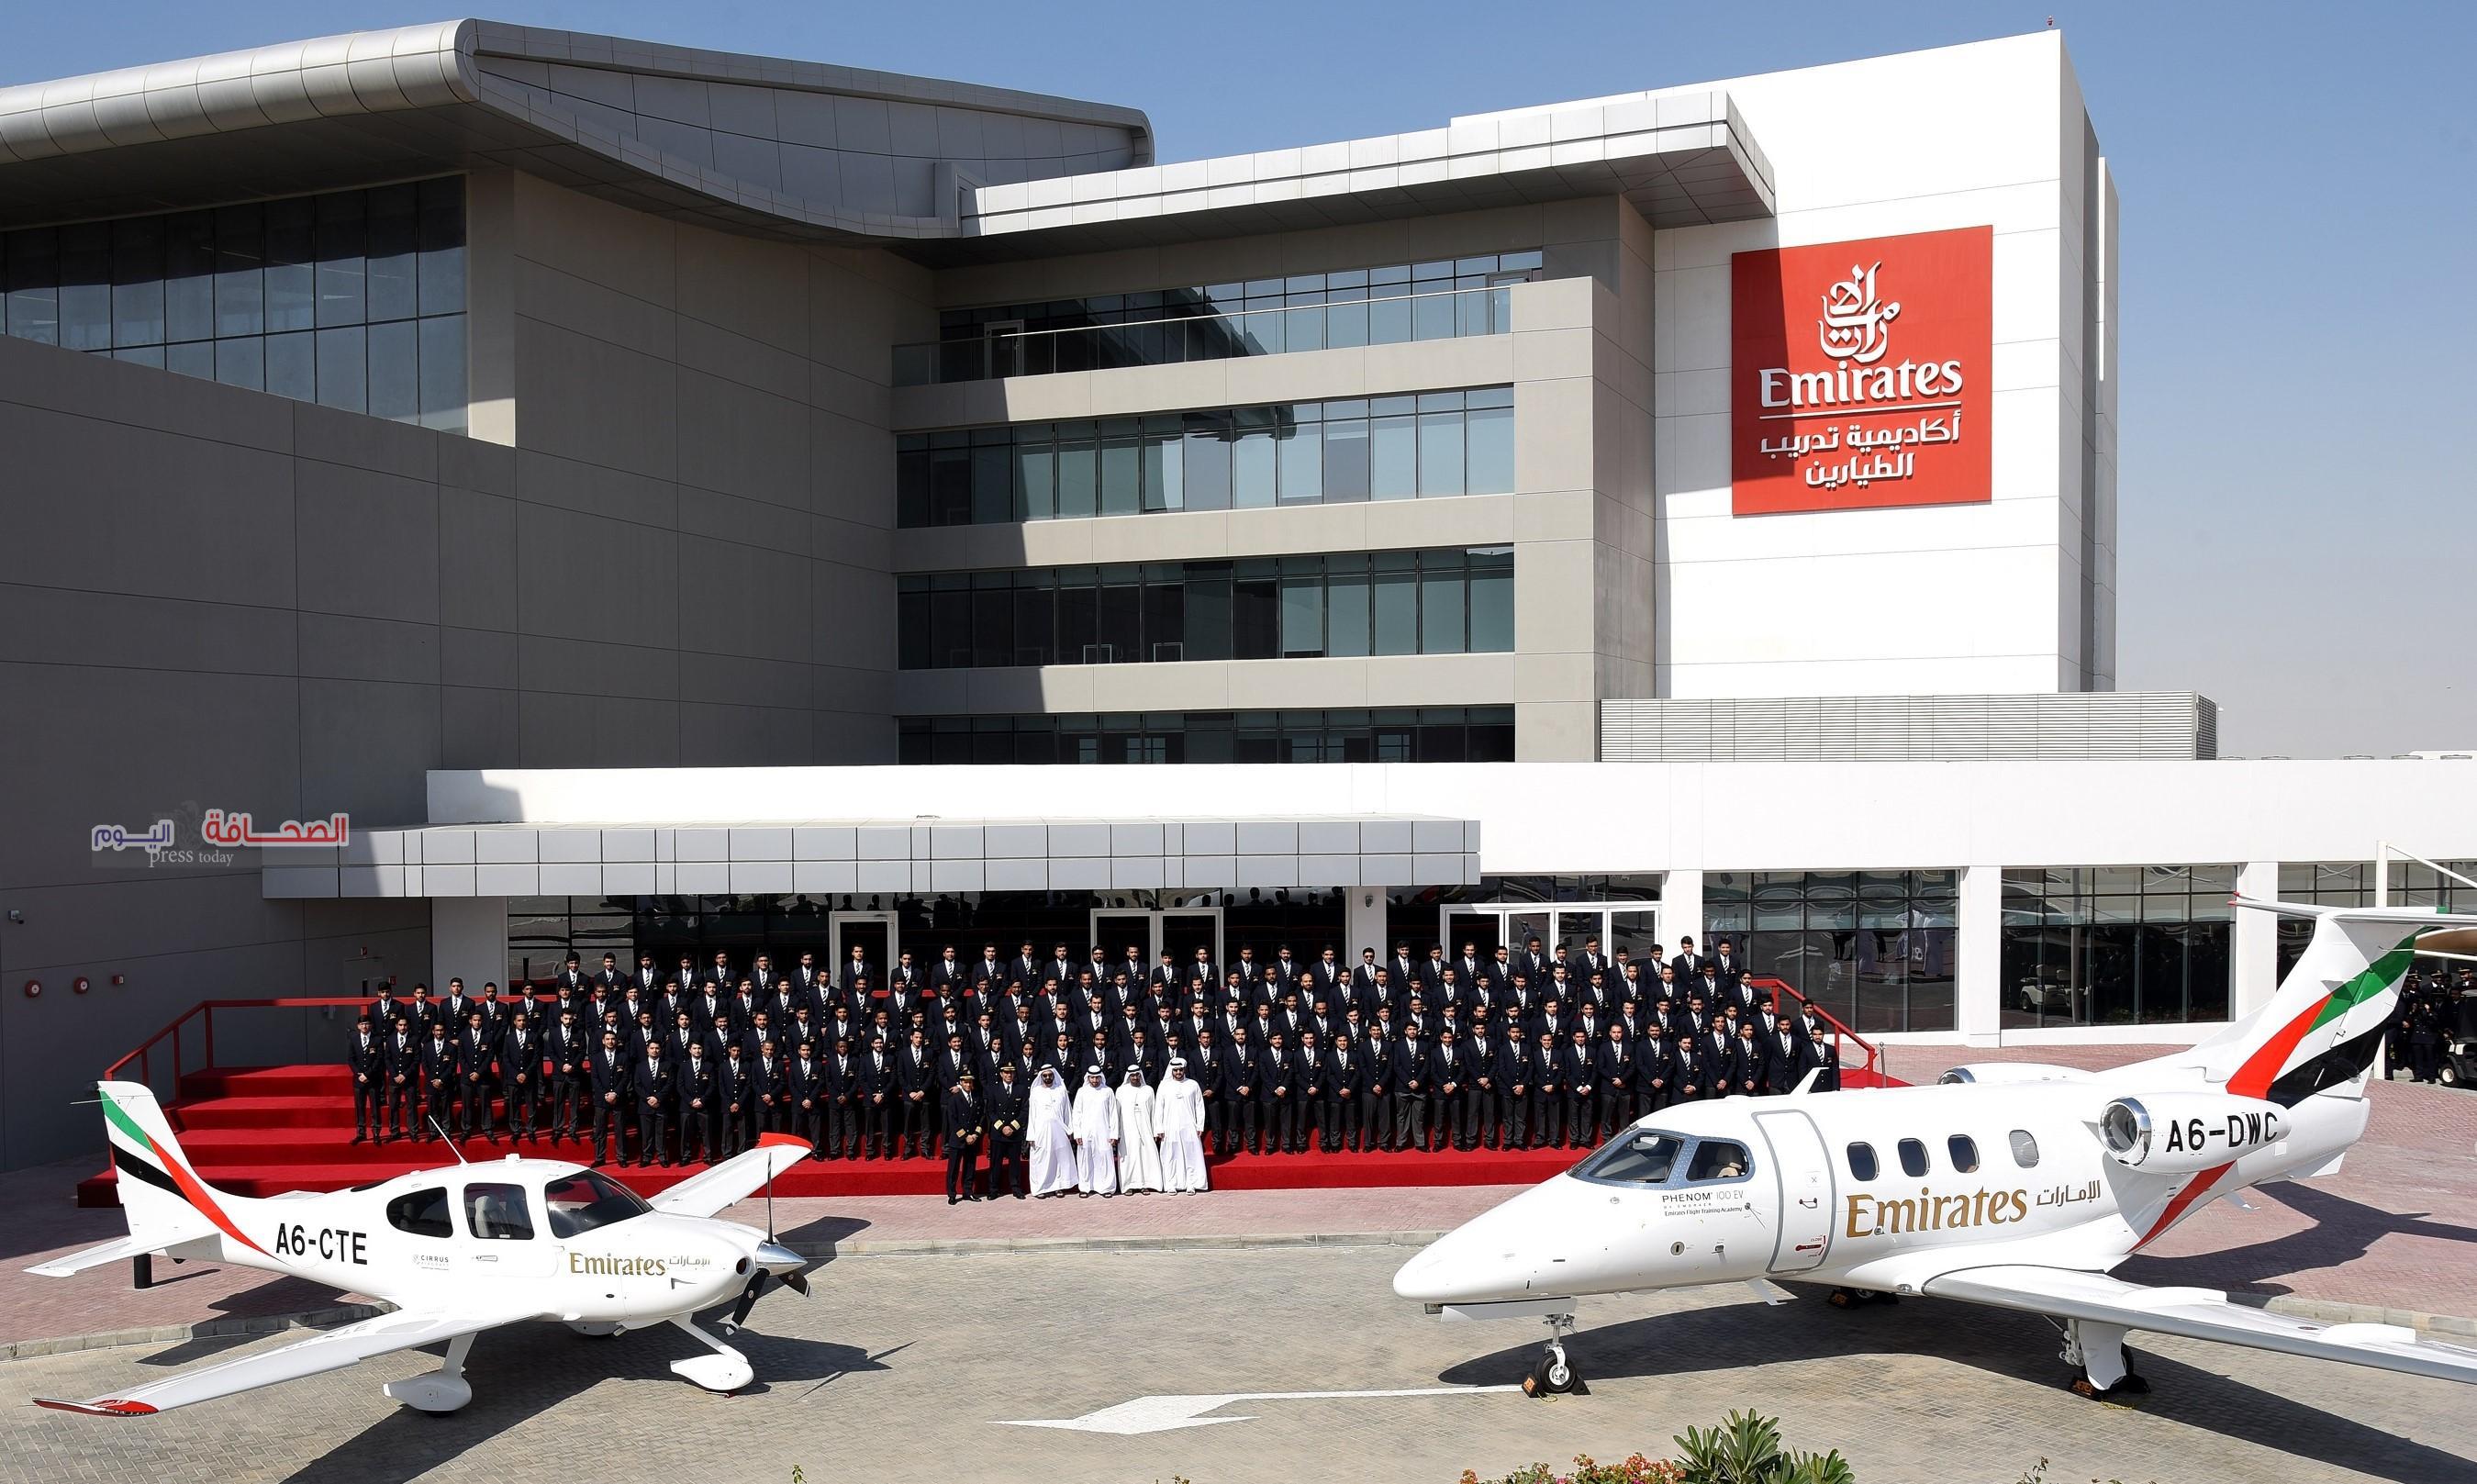 محمد بن راشد يفتتح أكاديمية الإمارات لتدريب الطيارين